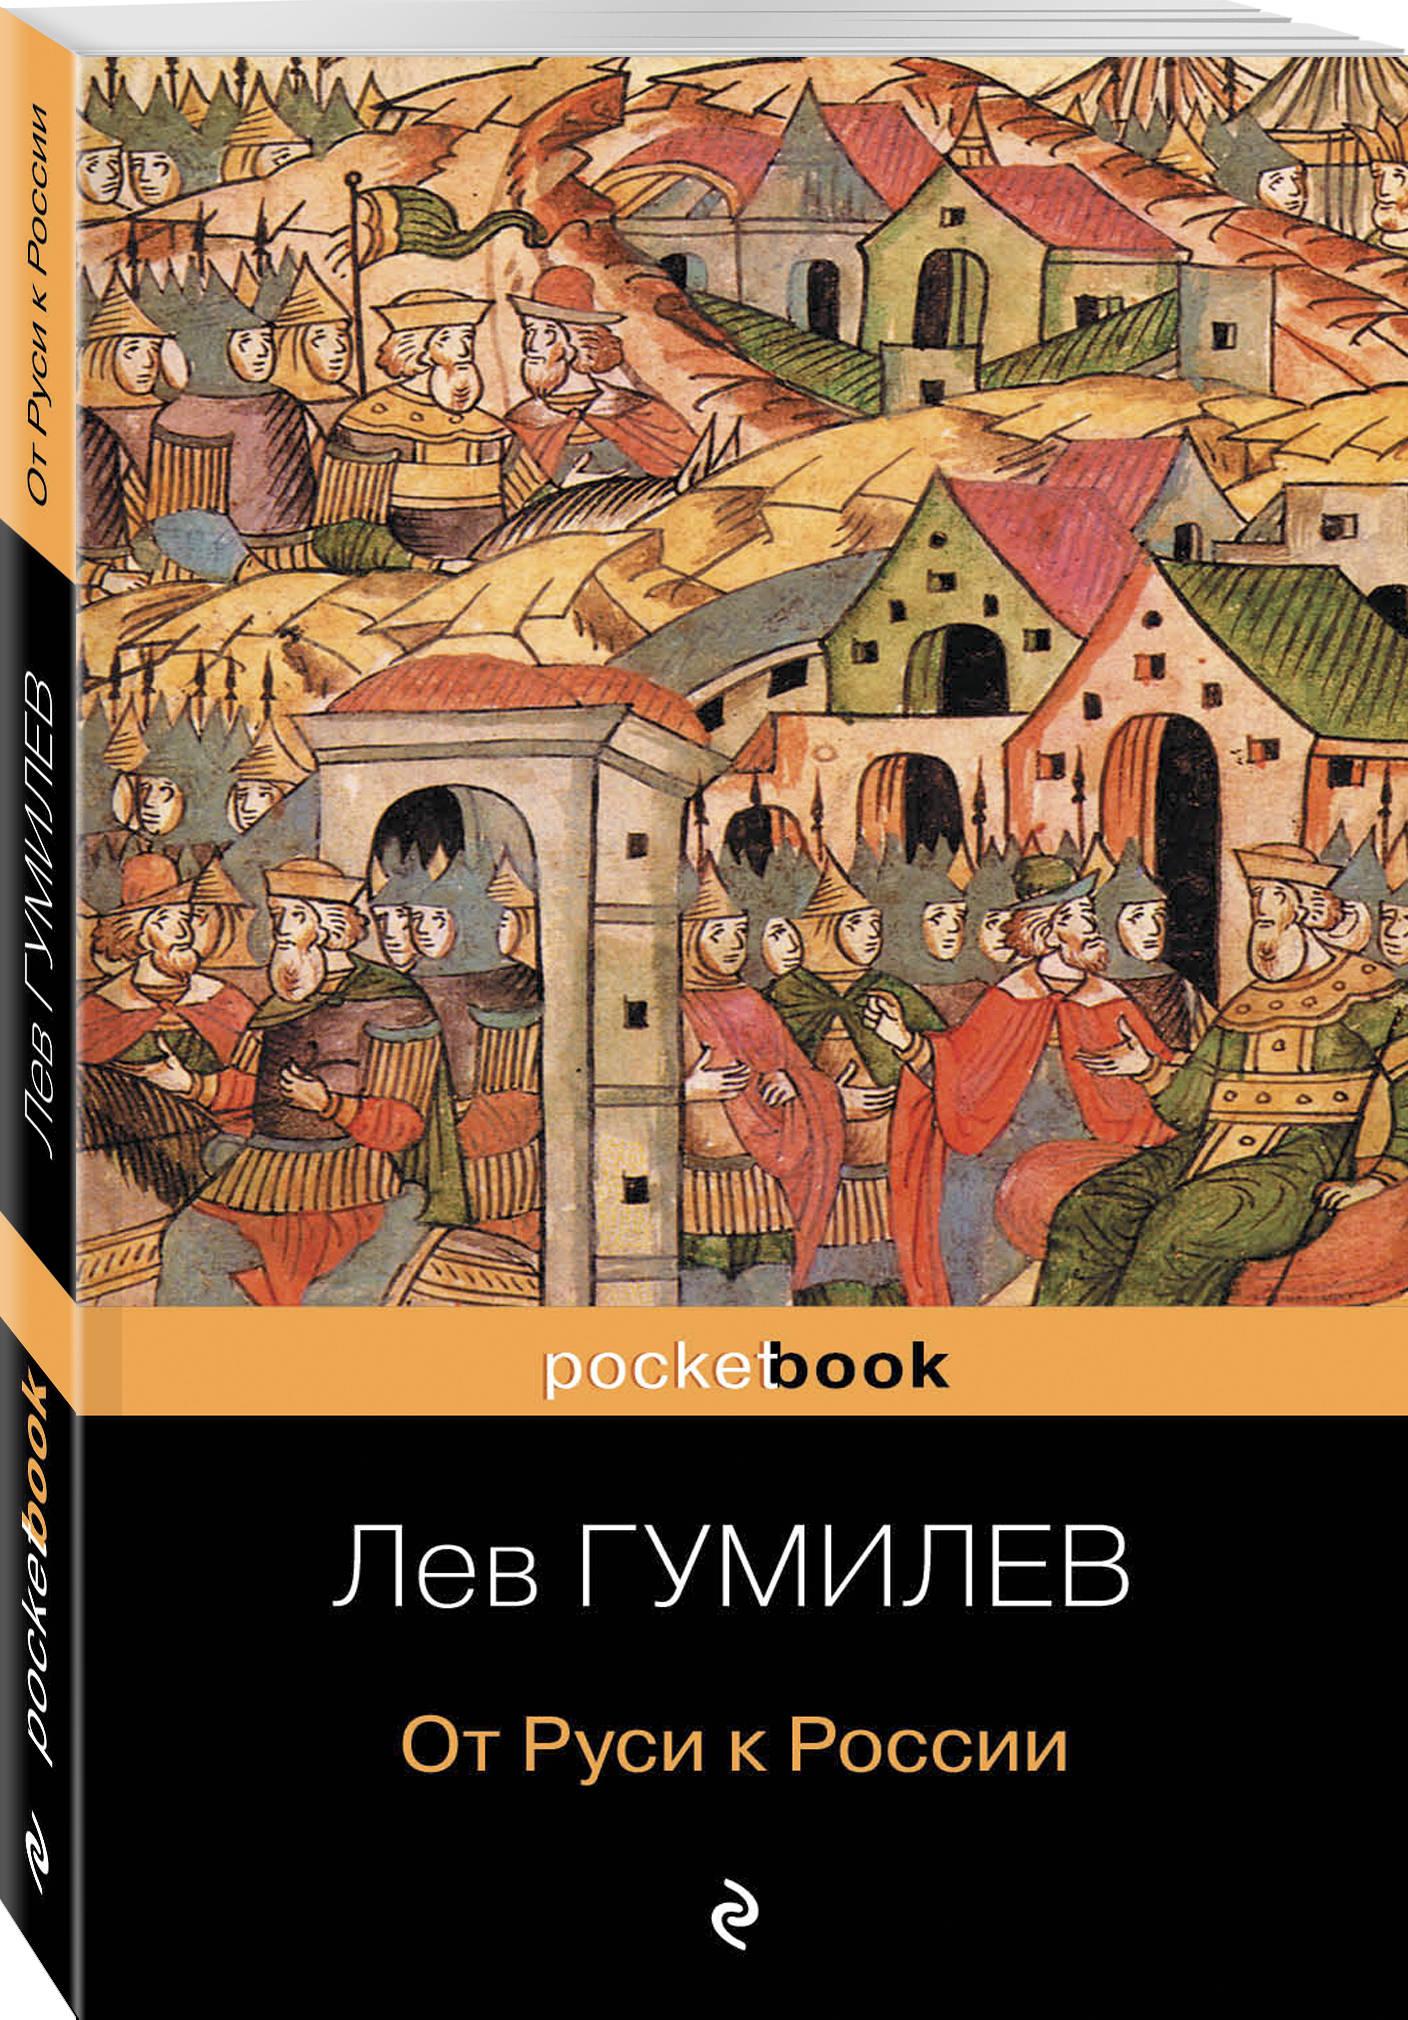 Гумилев Л.Н. От Руси к России ISBN: 978-5-699-66527-3